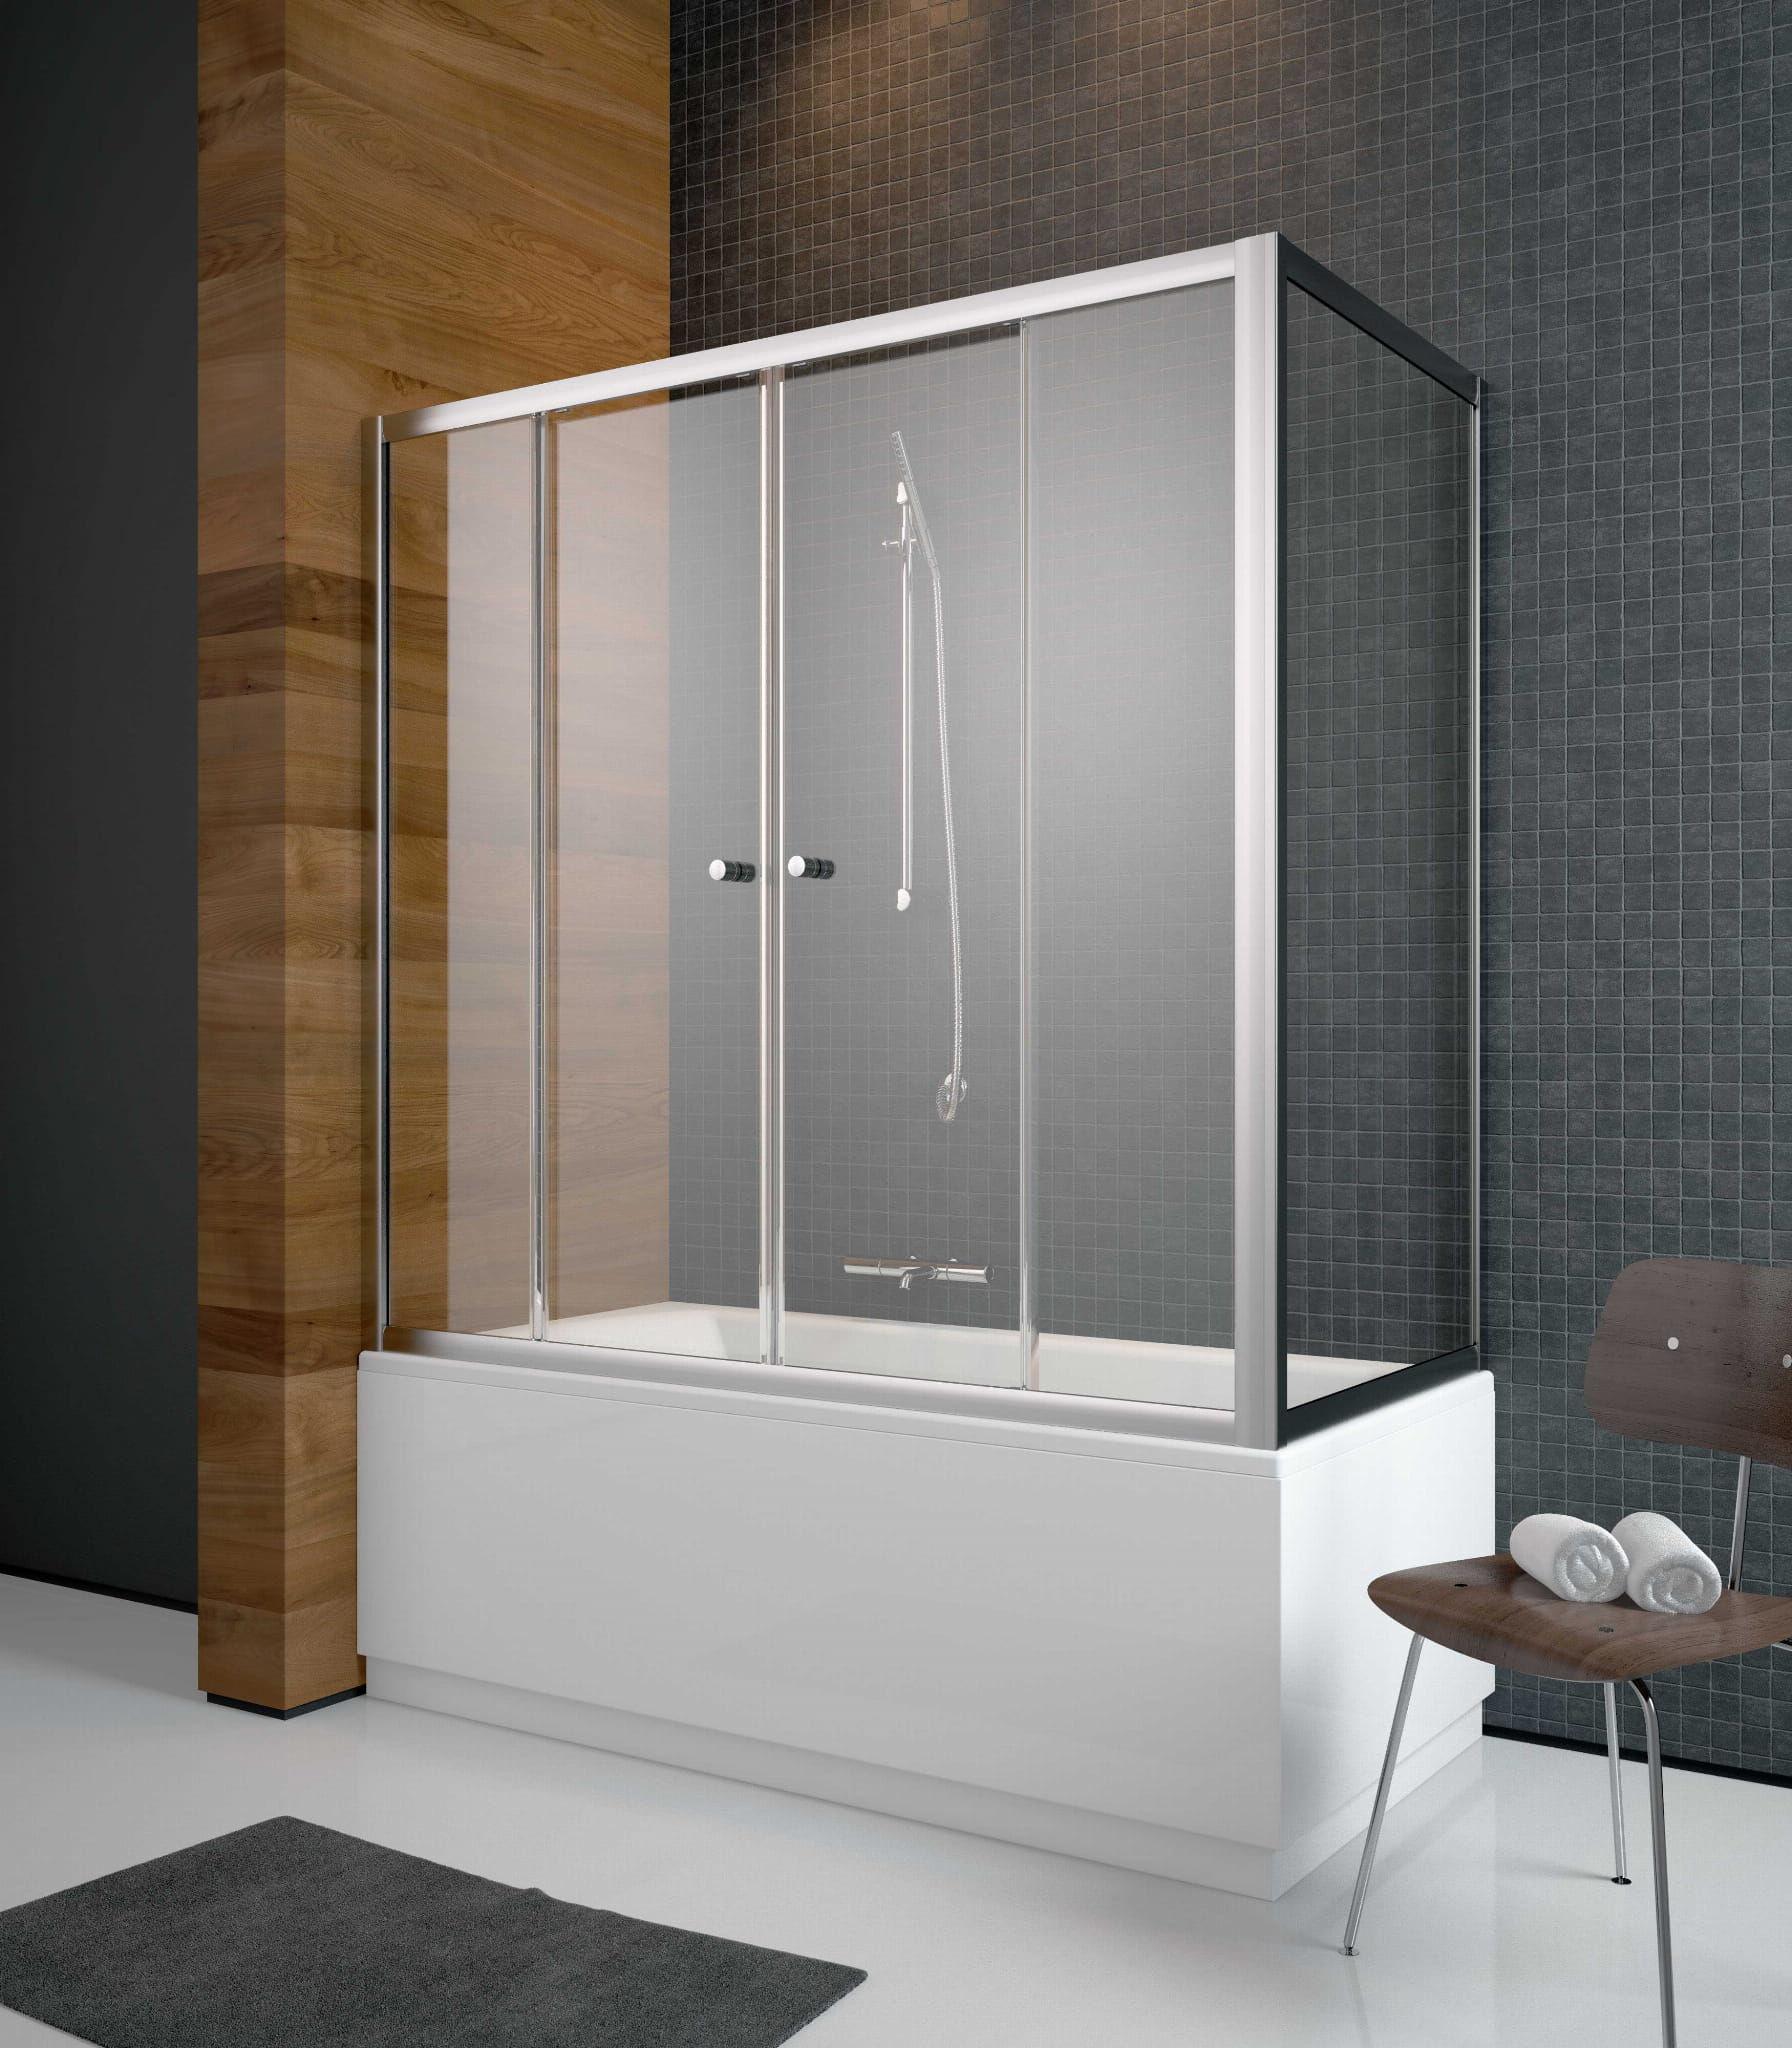 Radaway zabudowa nawannowa Vesta DWD+S 180 x 65, szkło przejrzyste, wys. 150 cm 203180-01/204065-01